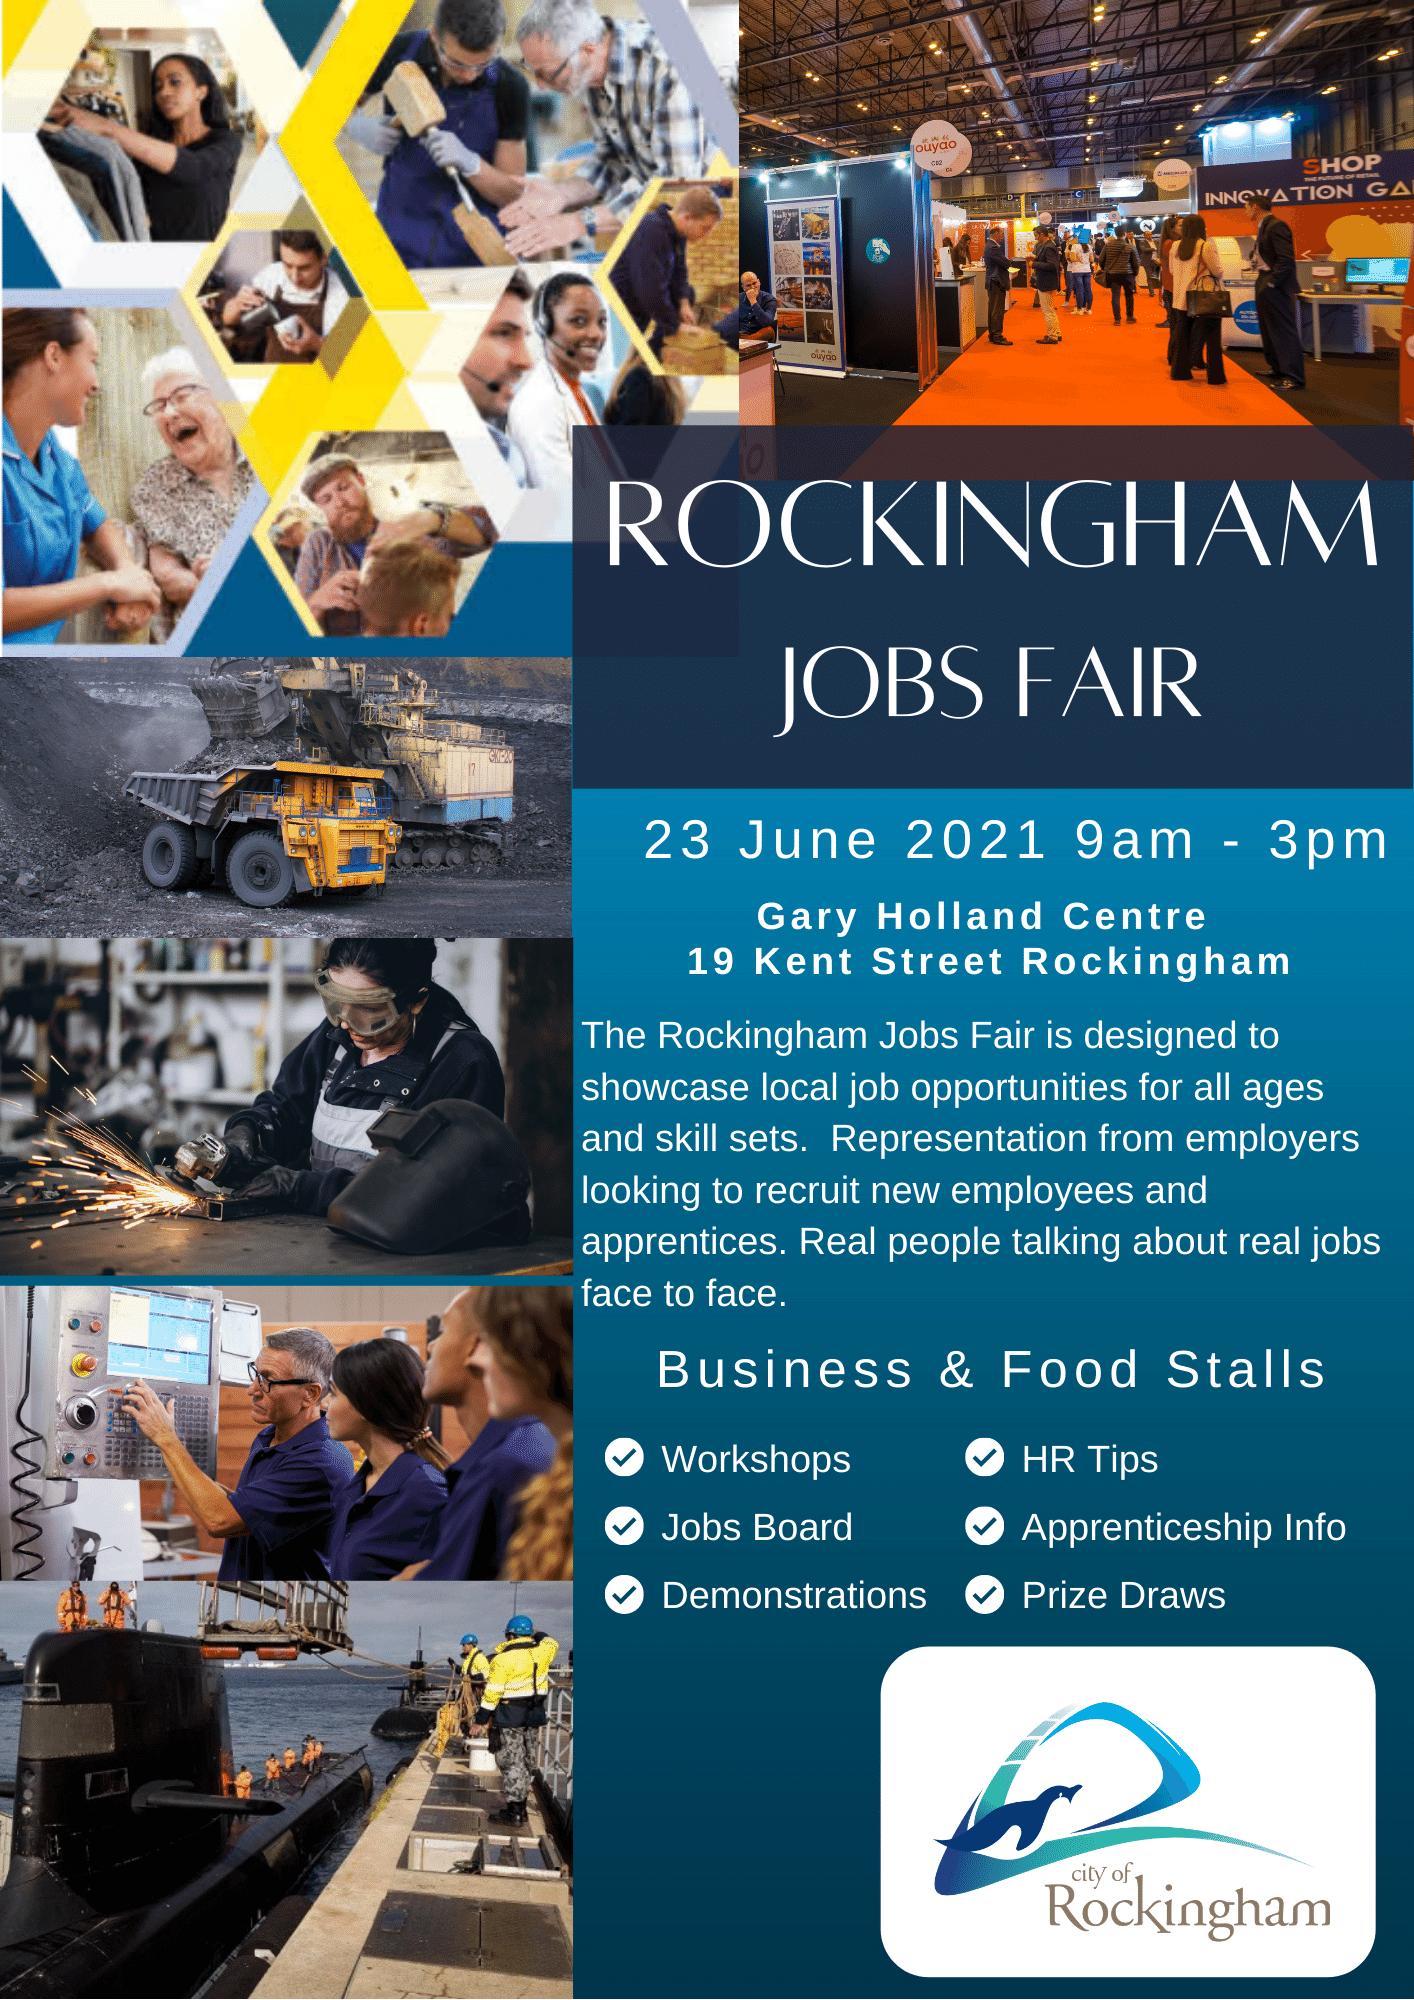 Rockingham Jobs Fair Stallholder Registration form